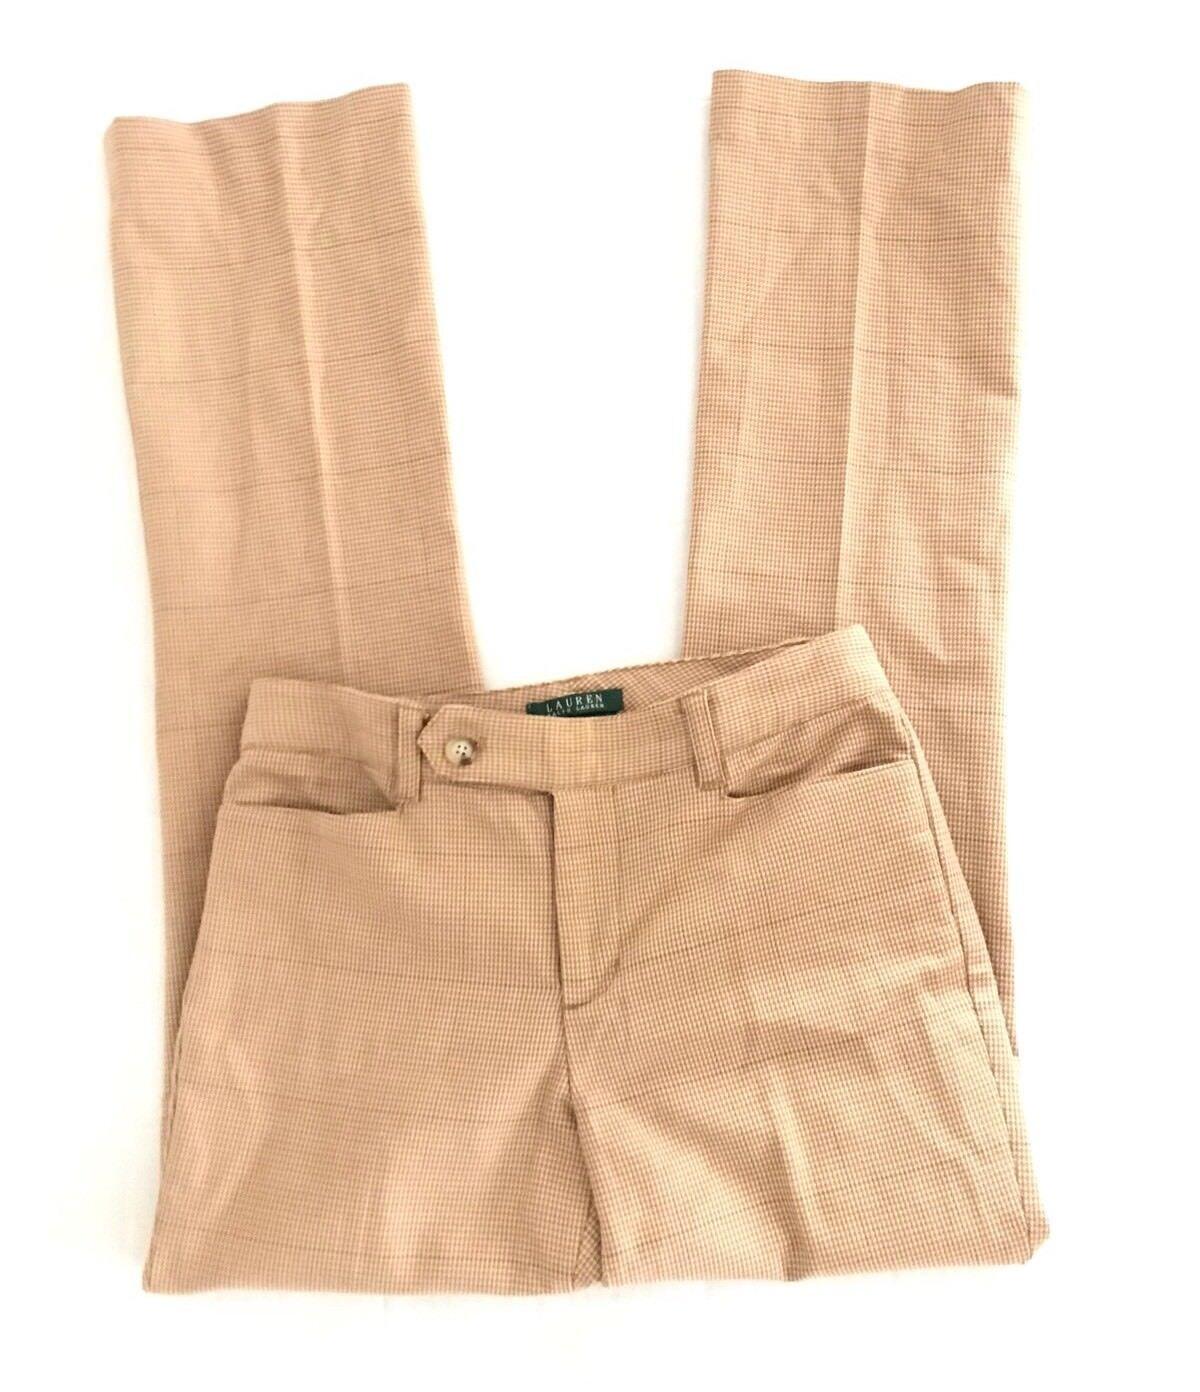 Lauren Ralph Lauren Womens Adelle Brown Pants Size 2 x 32 Houndstooth Stretch